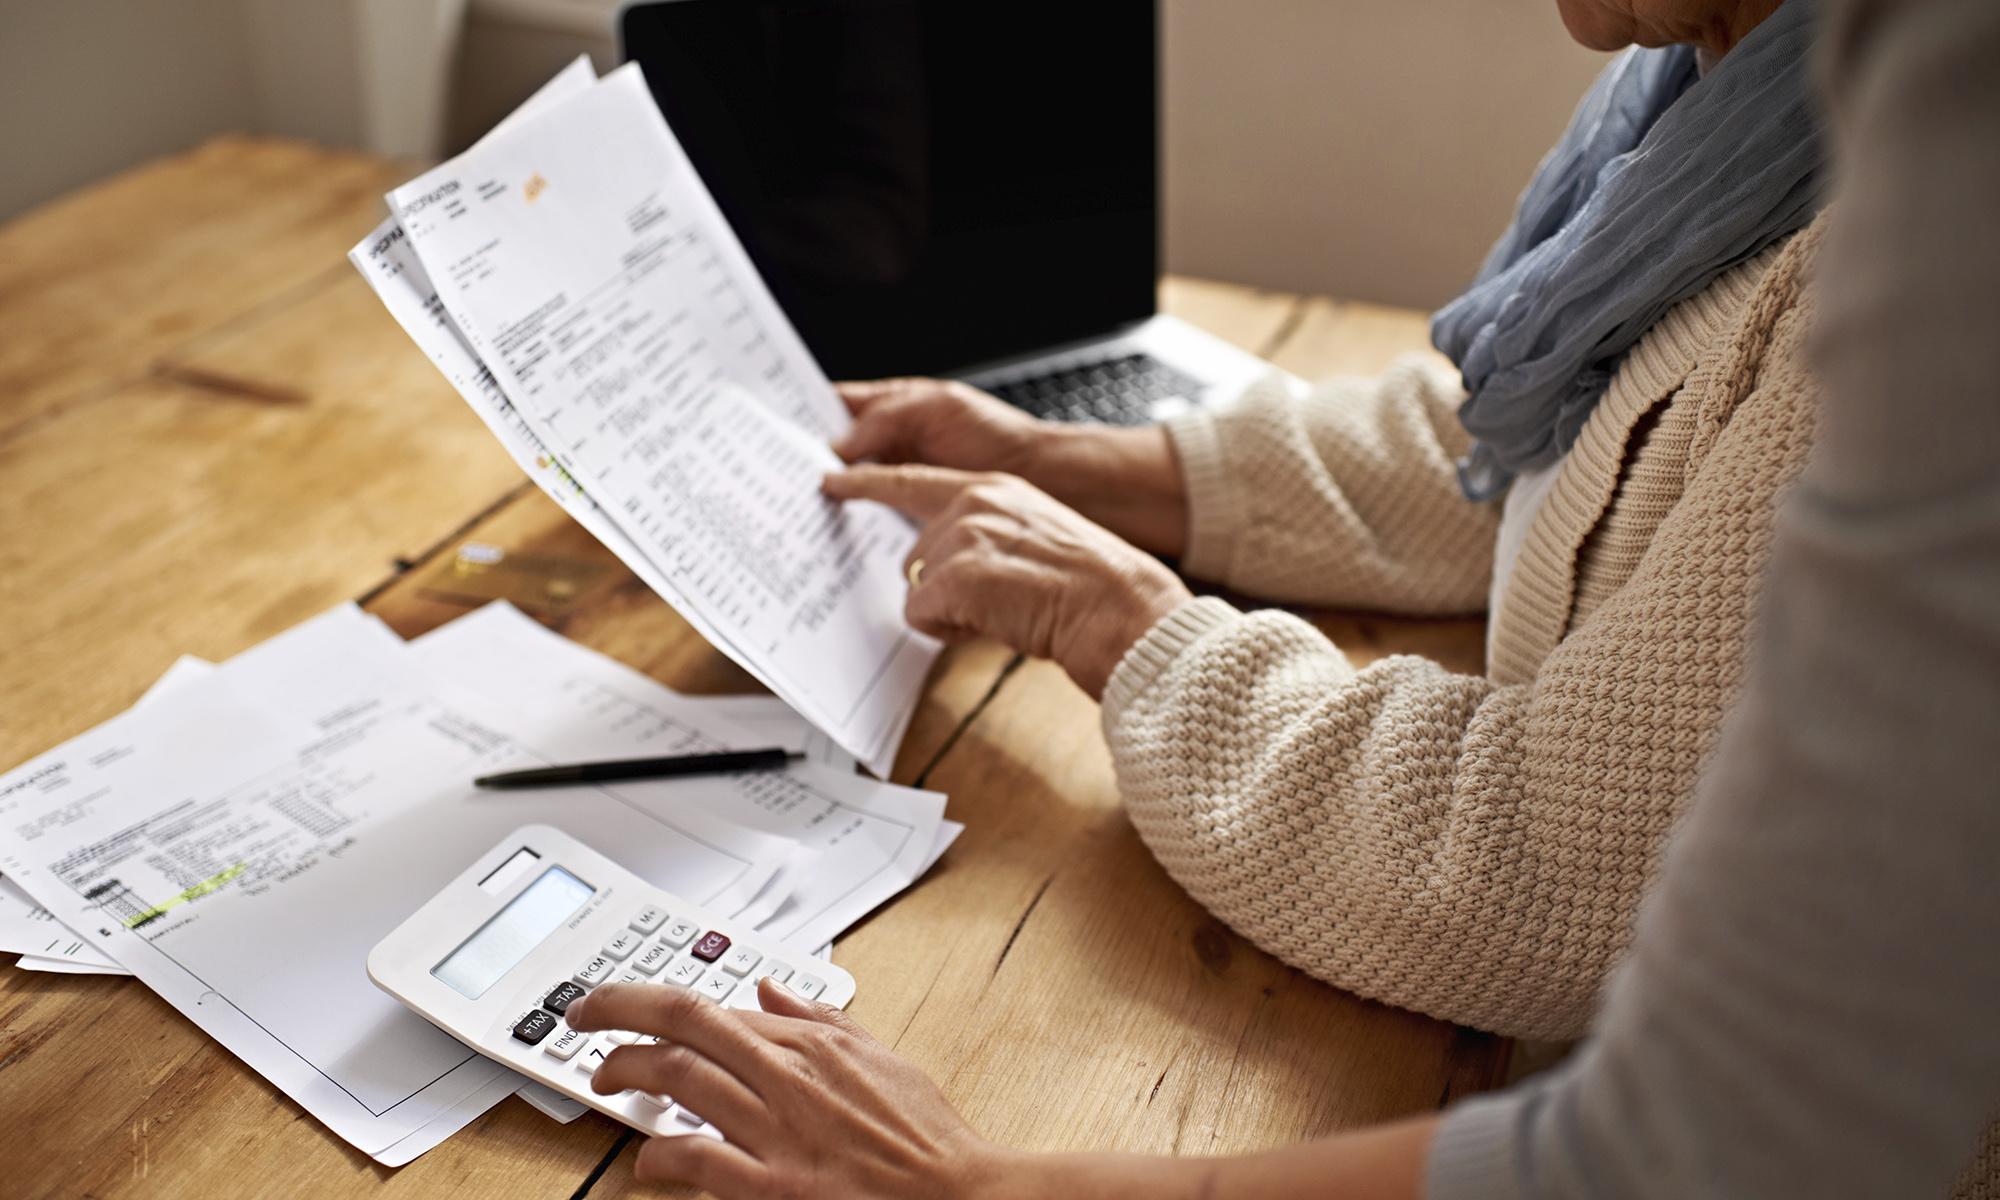 https://www.investorwize.com/wp-content/uploads/2016/10/estate-or-inheritance-tax-quiz-494146669.jpg